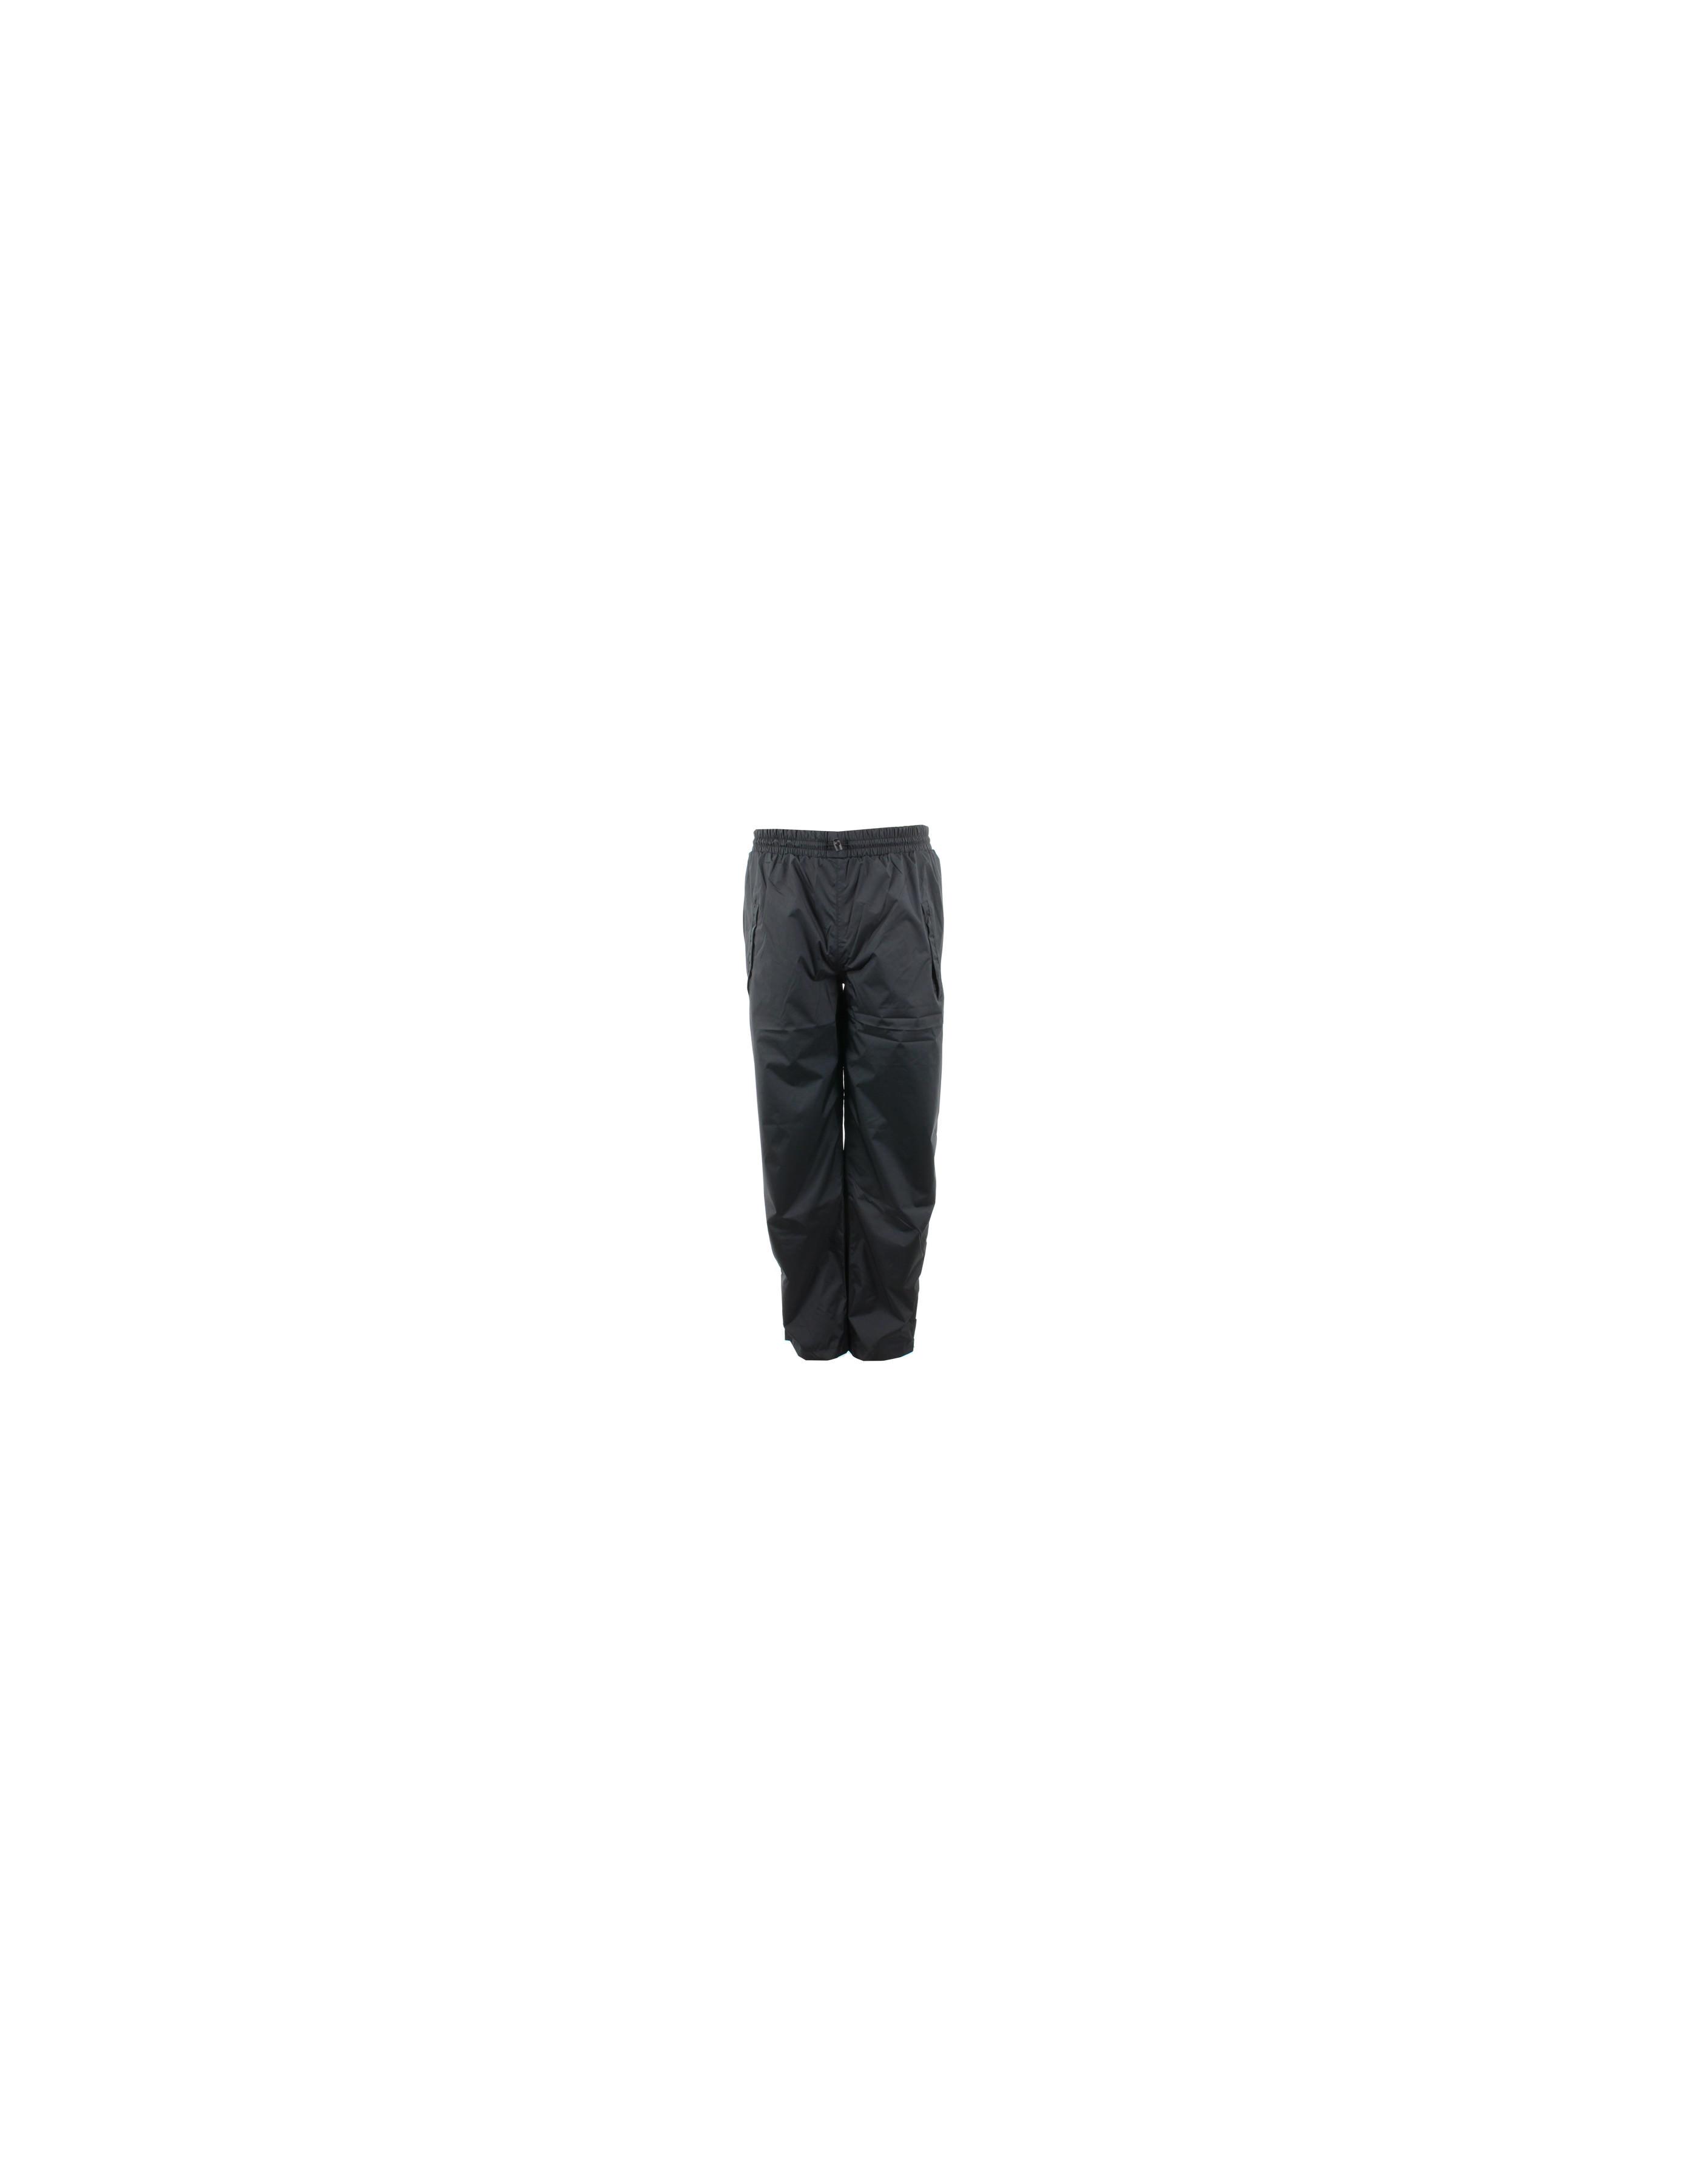 Pantalon de pluie haute qualité